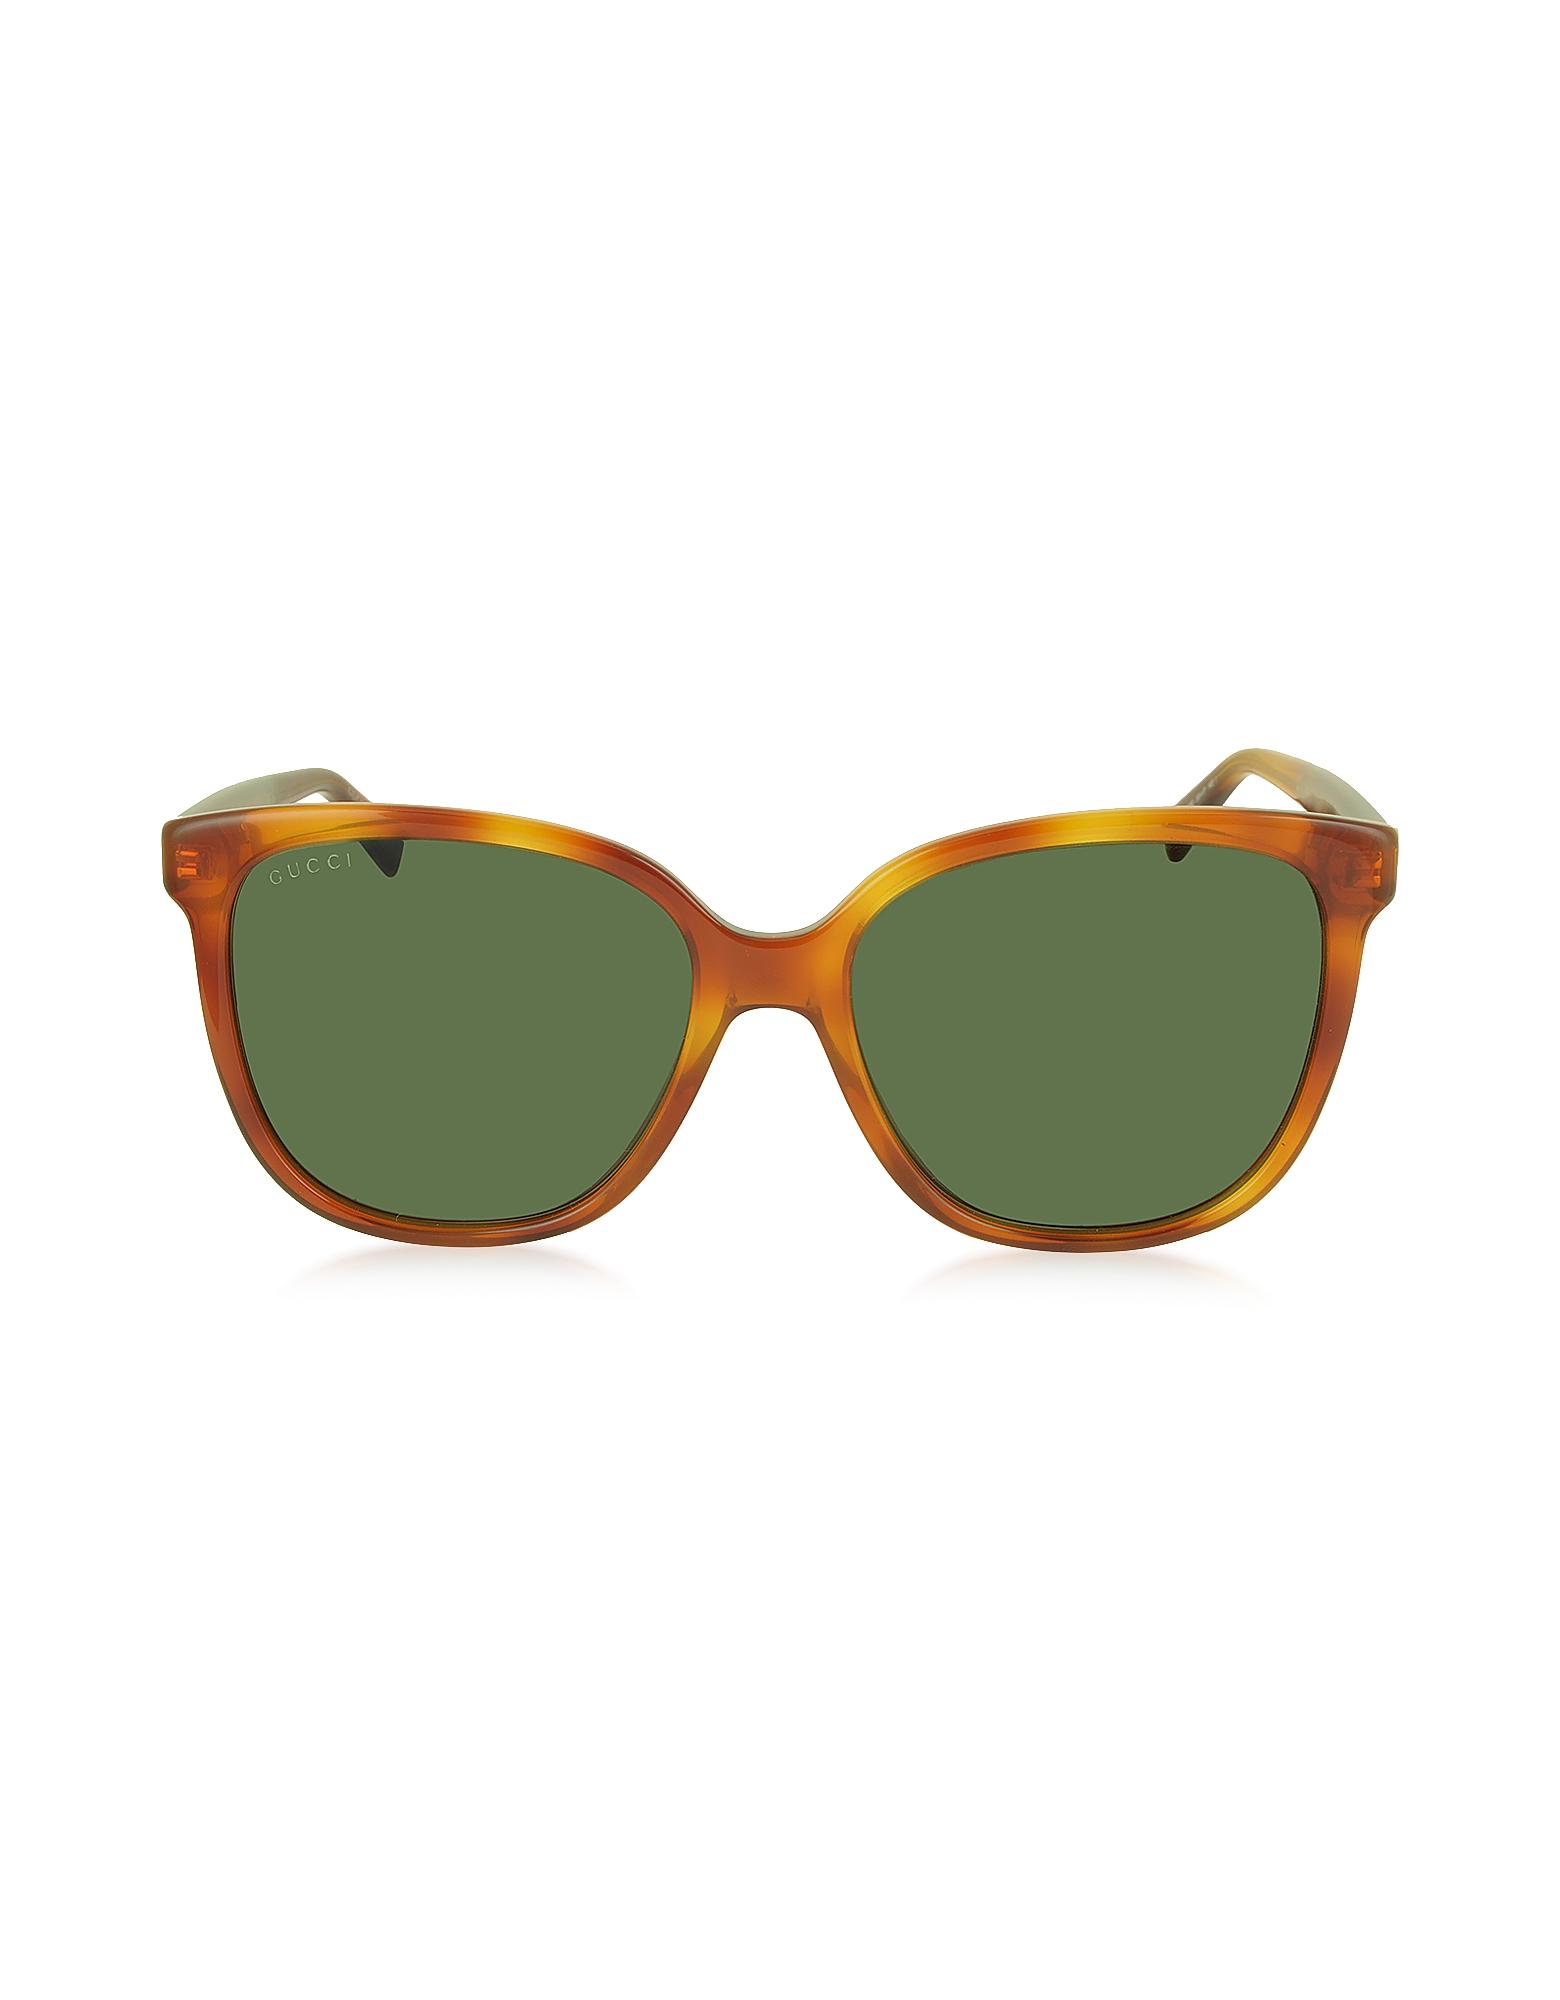 Gucci GG 3819/S - Женские Солнечные Очки в Квадратной Оправе из Ацетата